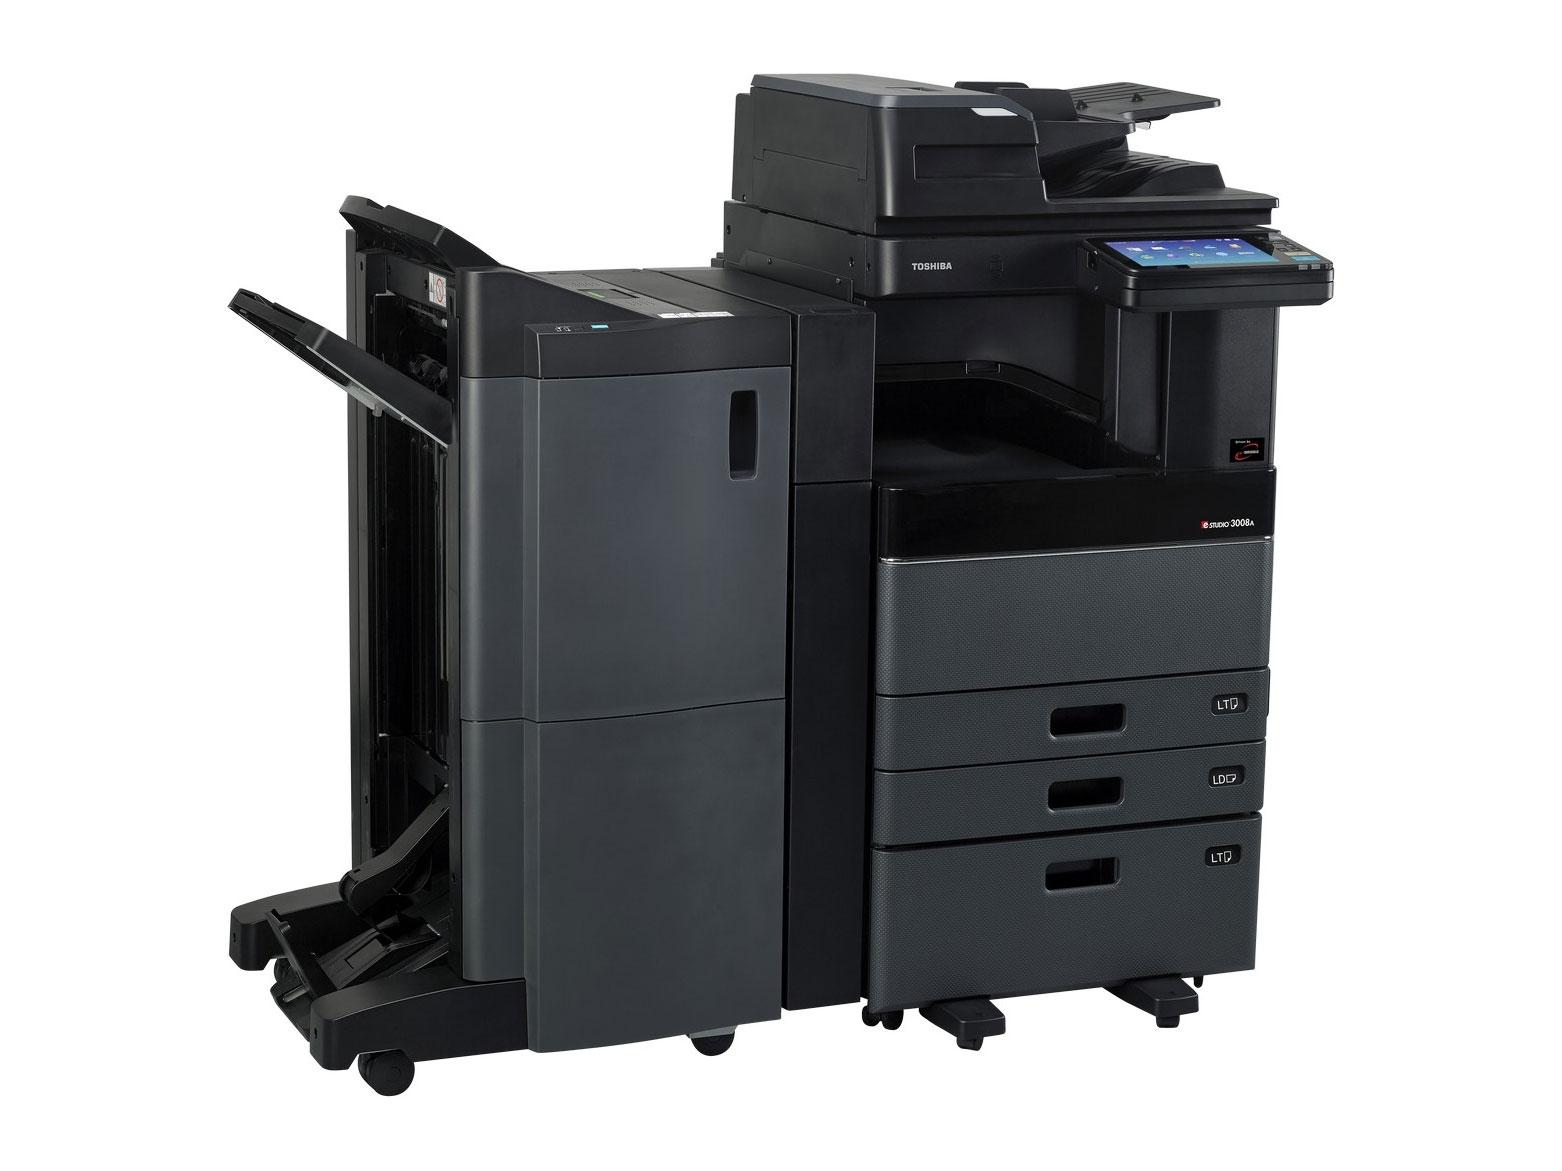 Fotocopiadora e-STUDIO 2008A usada